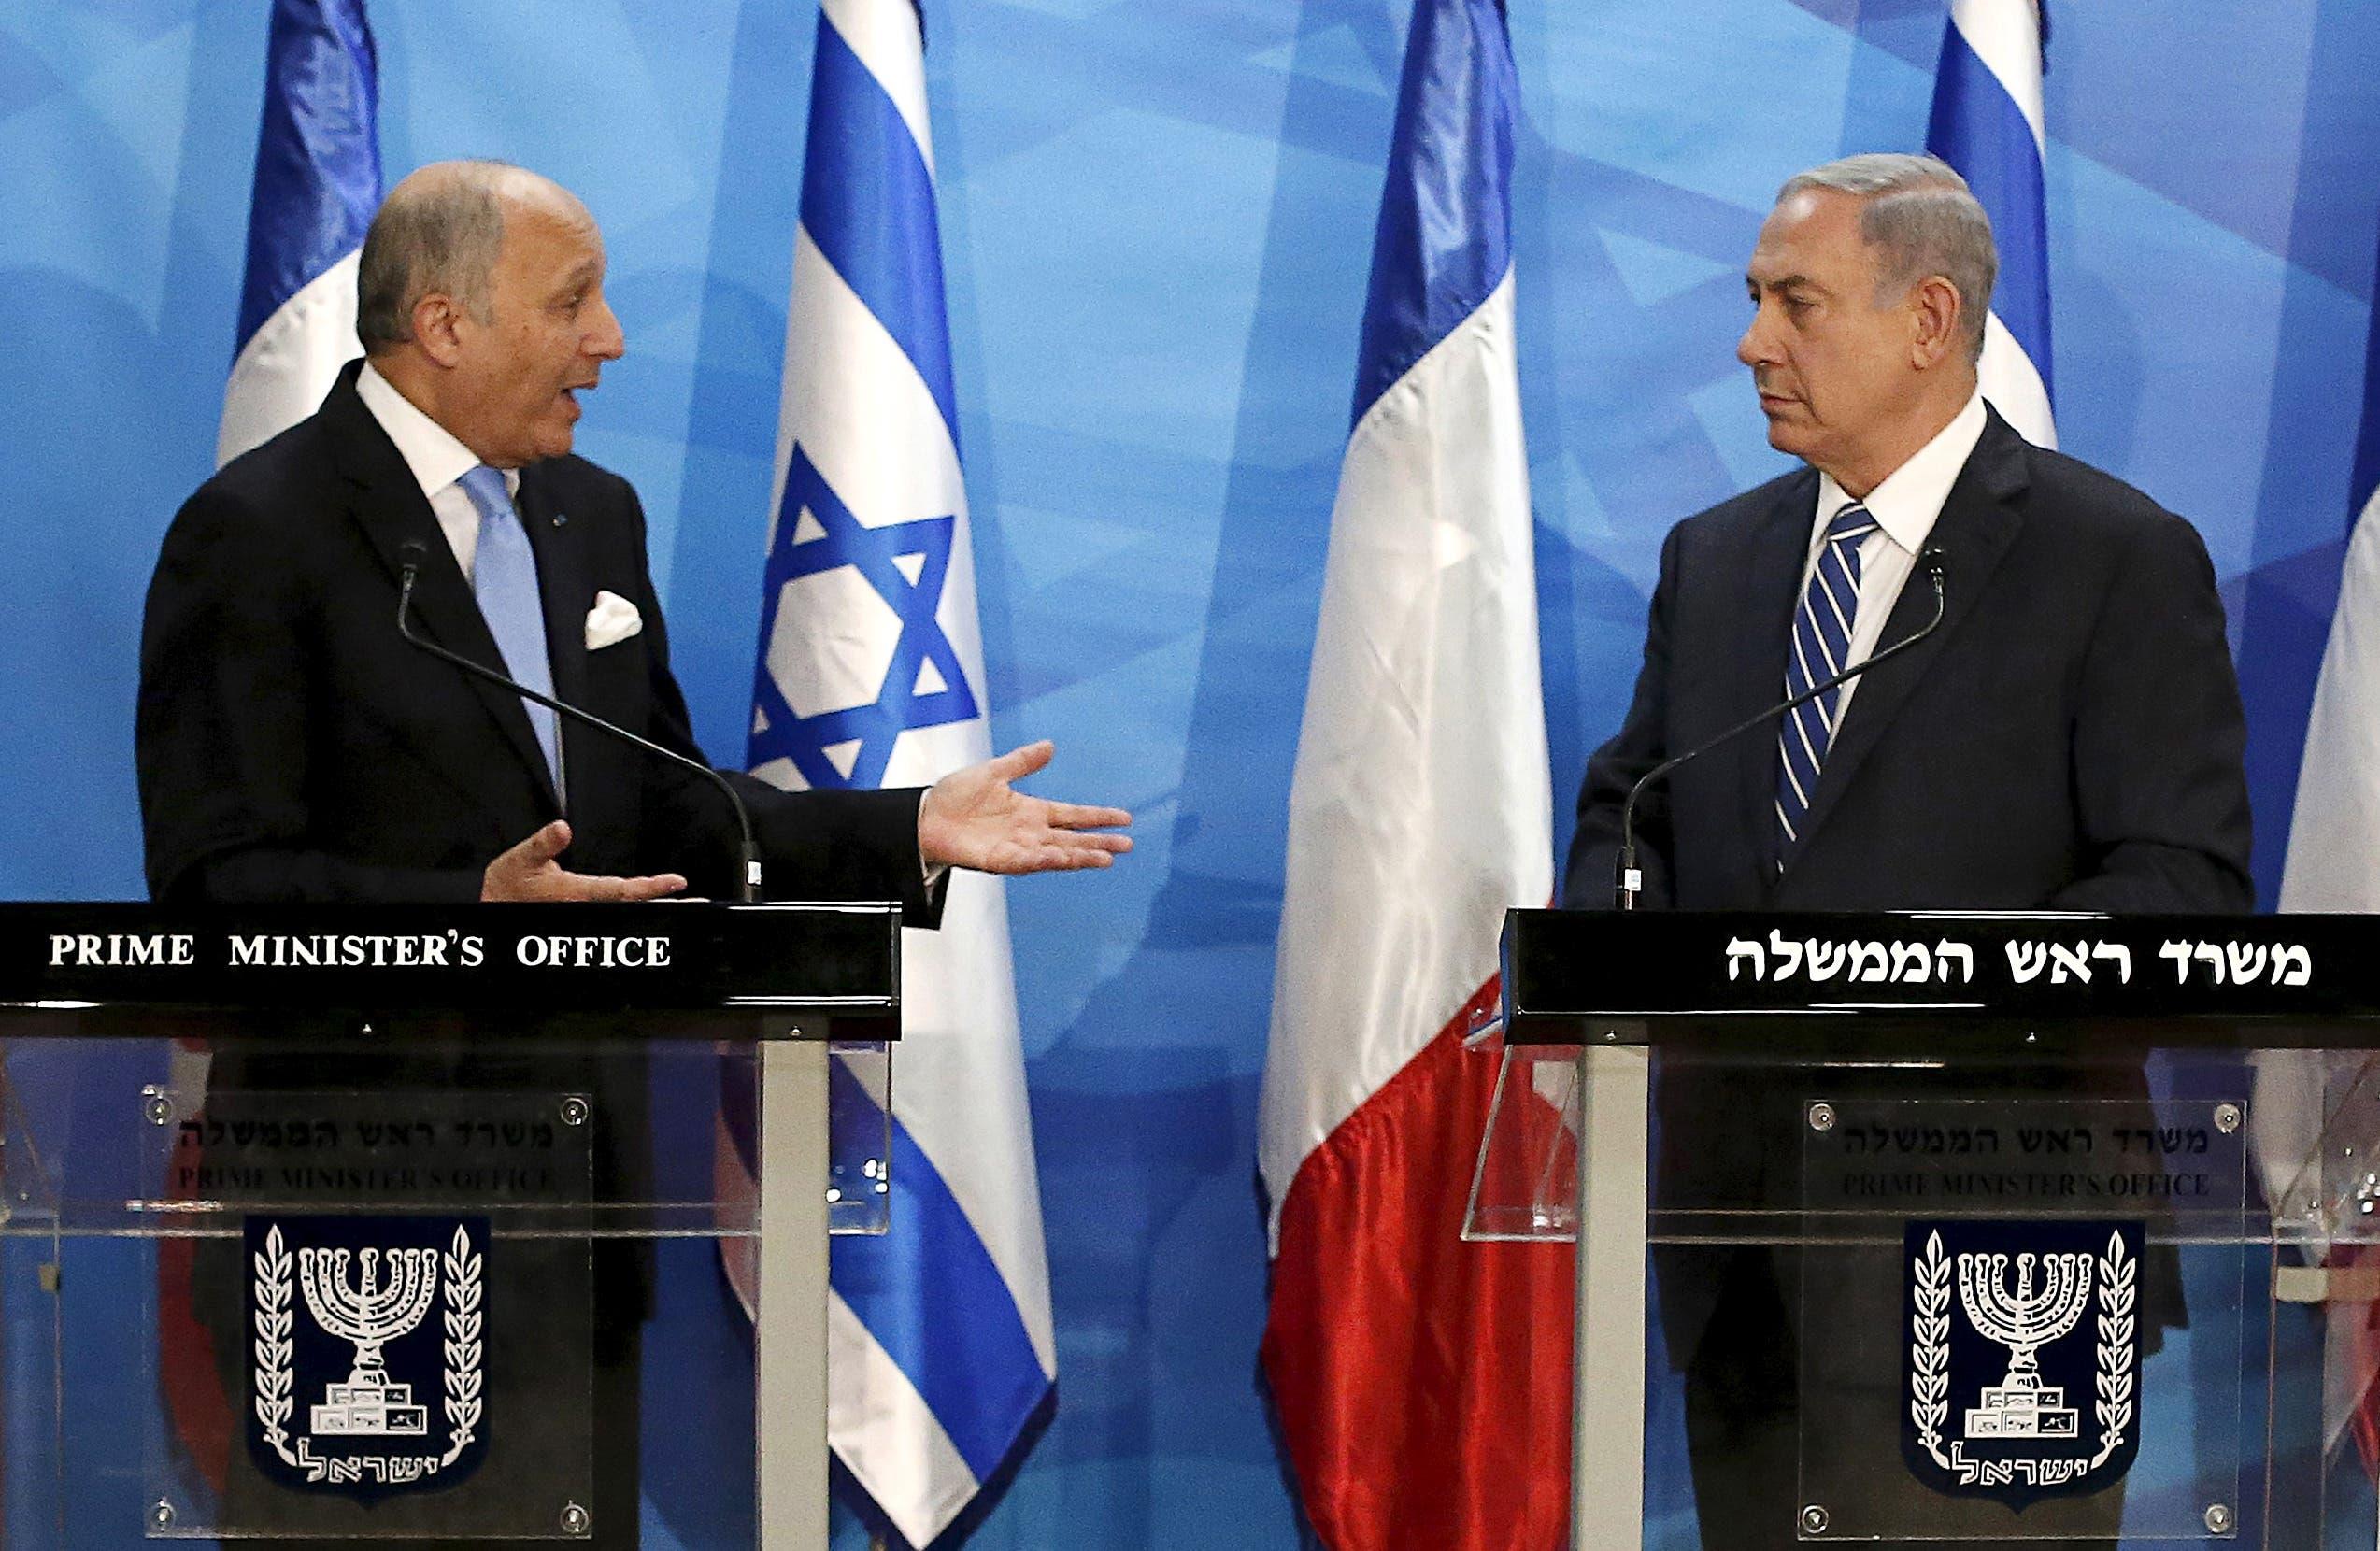 Palestinians urge timeframe for Mideast peace talks